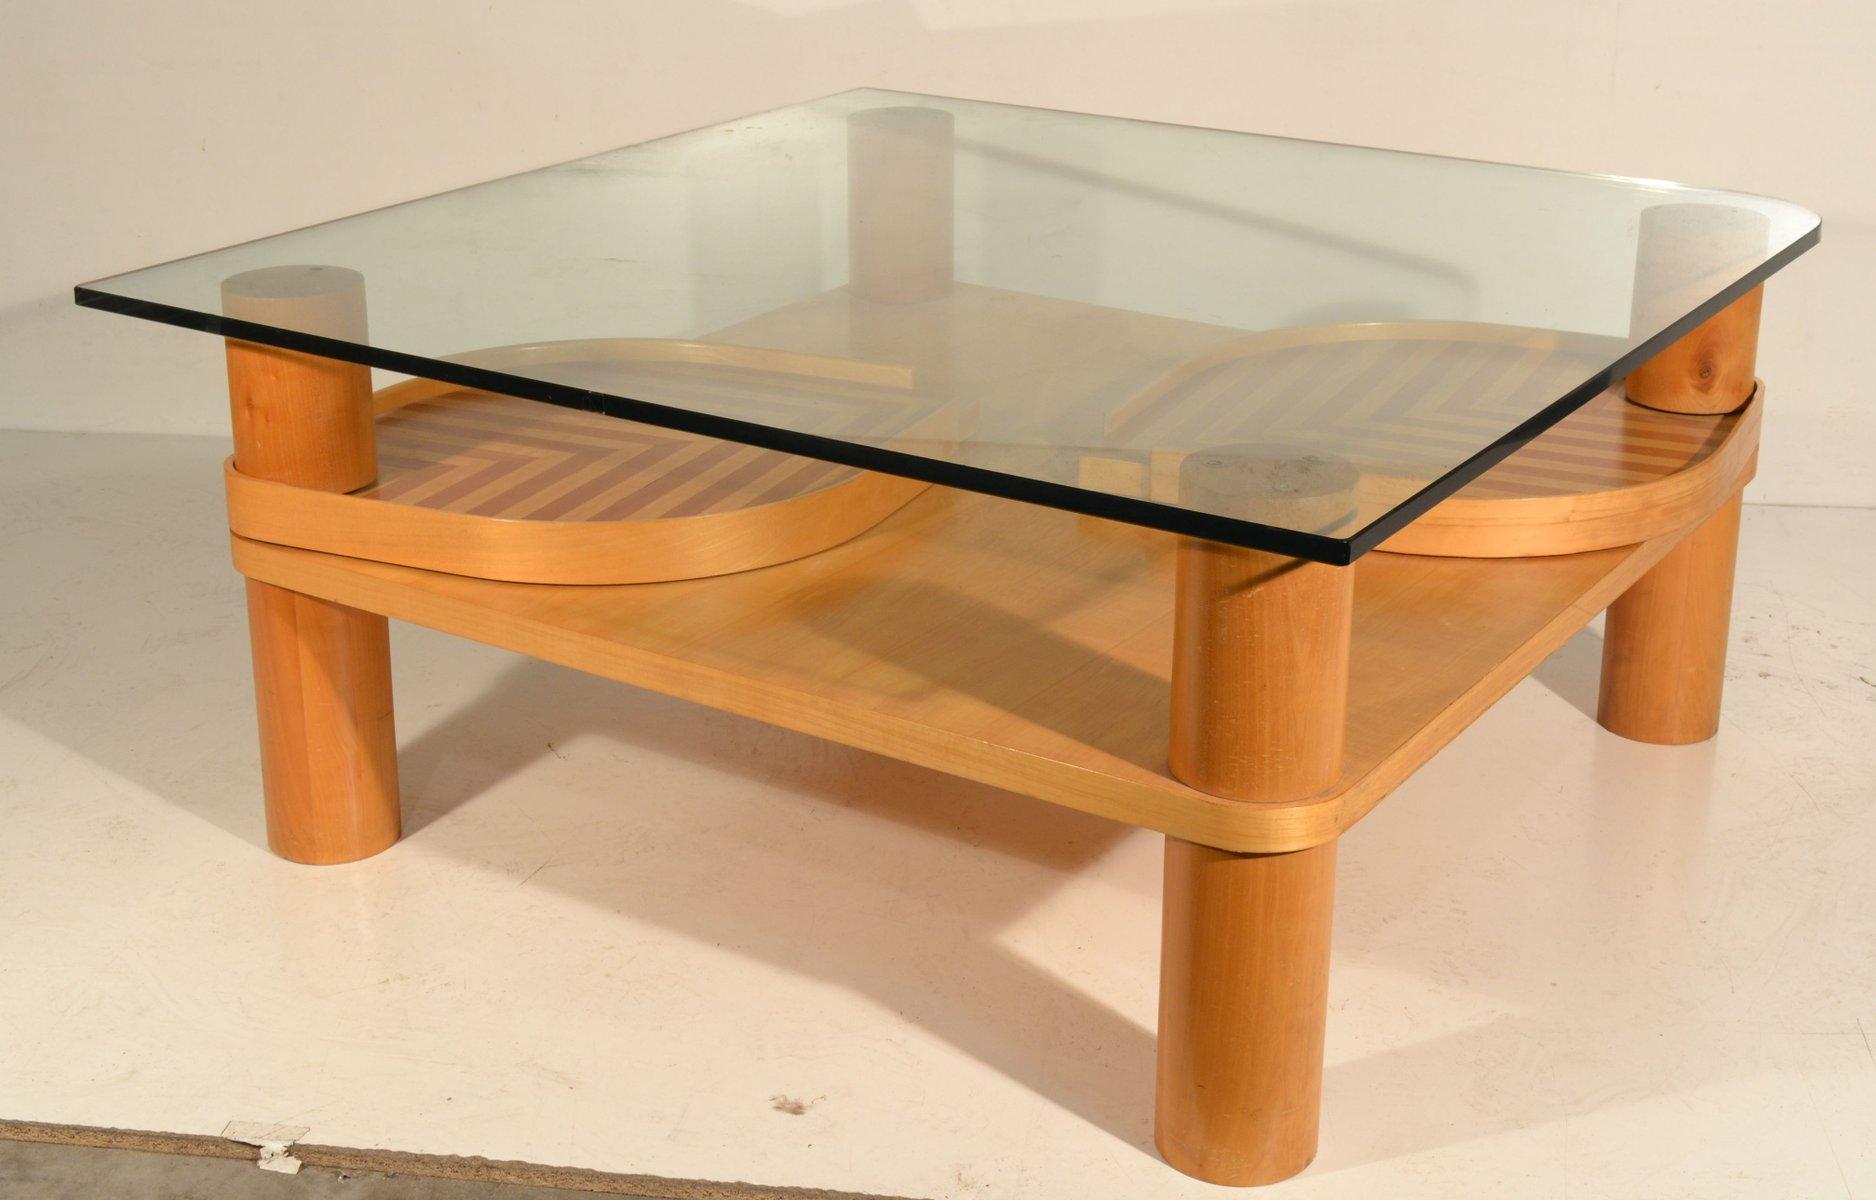 italienischer couchtisch aus ahornholz glas bei pamono kaufen. Black Bedroom Furniture Sets. Home Design Ideas